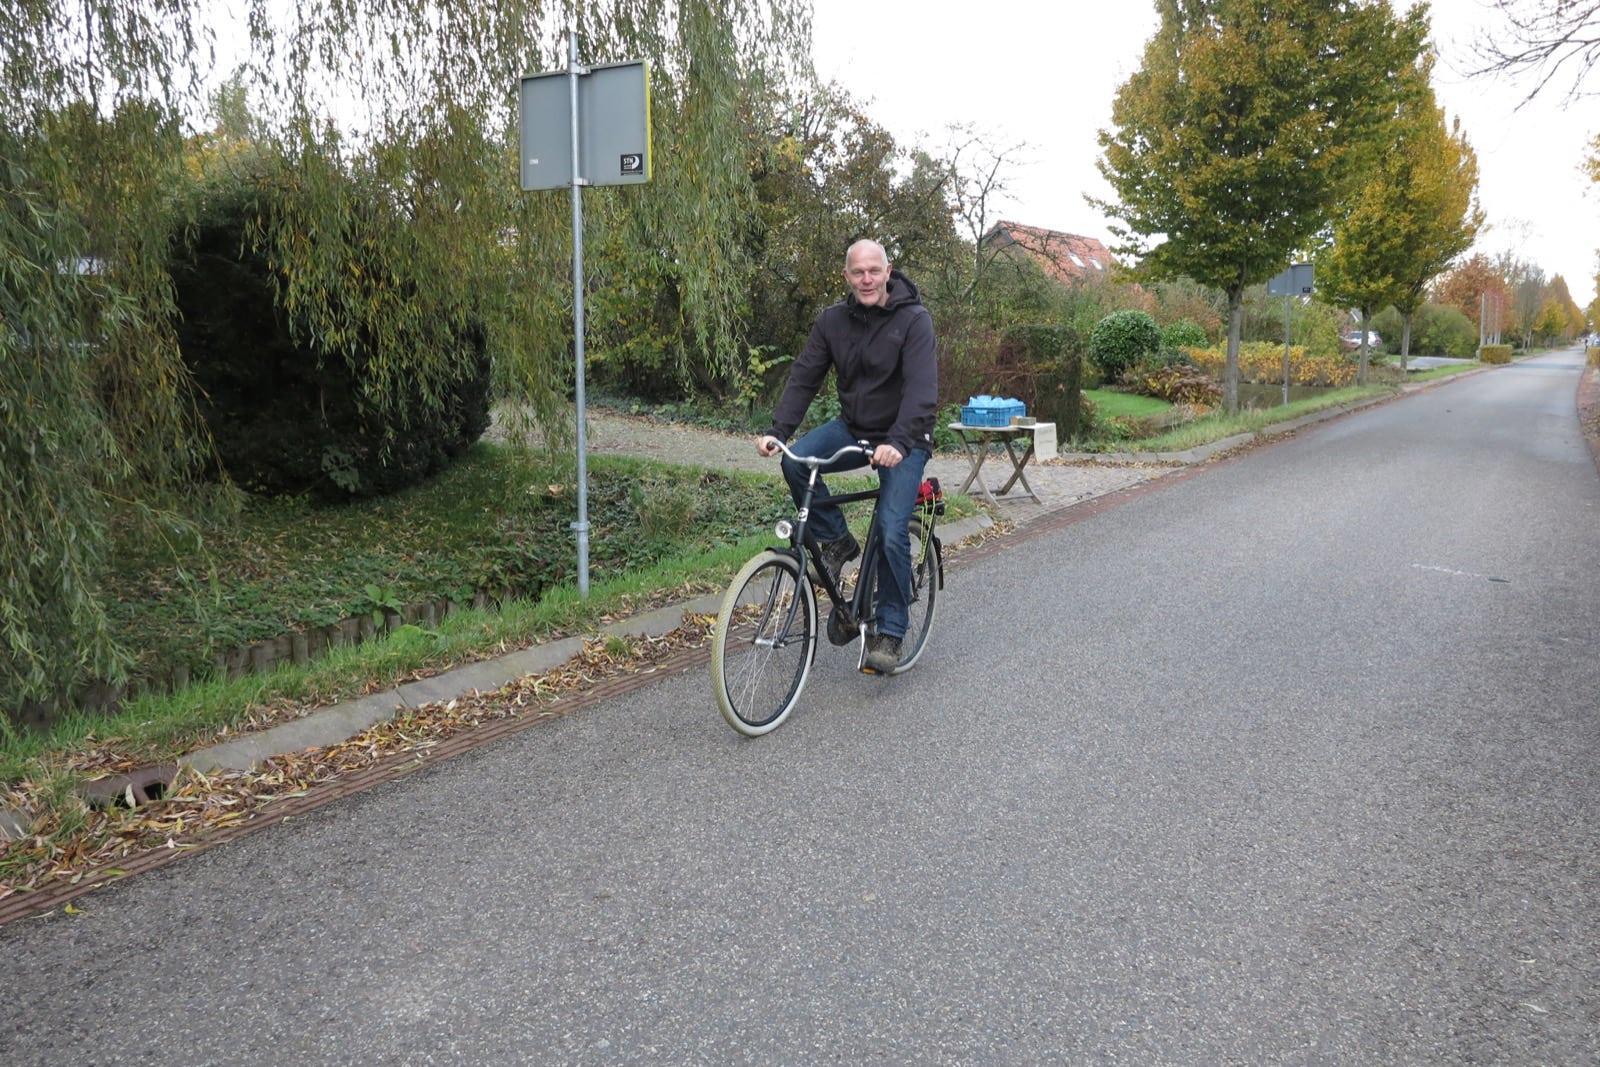 et-fiets-en-fietser-108-geerle-vd-veen---fiets-met-terugtraprem-oi.jpg